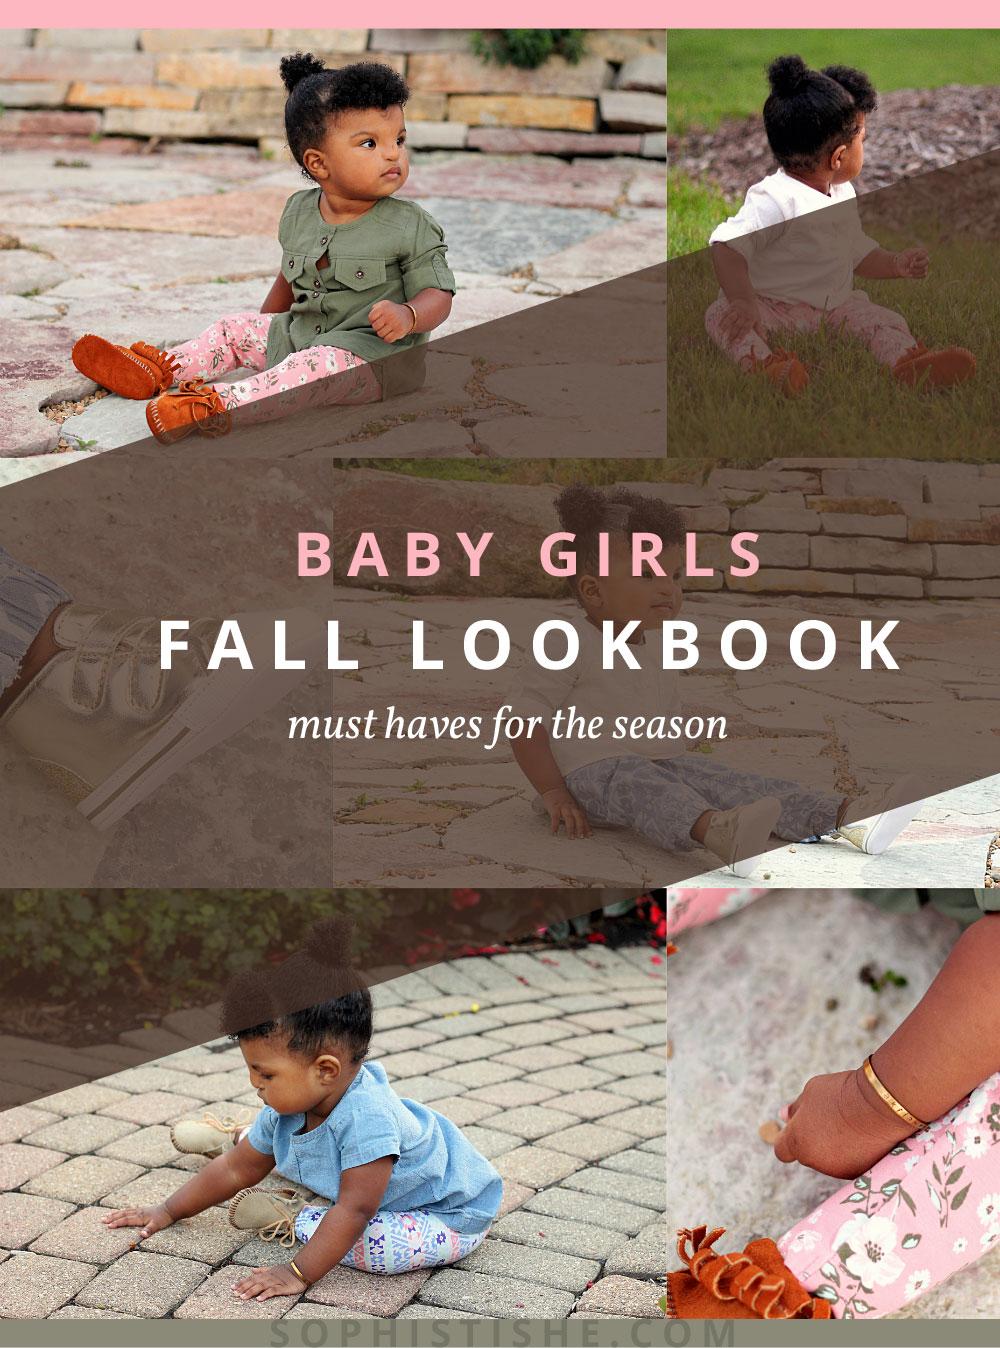 Baby Girls Fall Lookbook via @Sophistishe